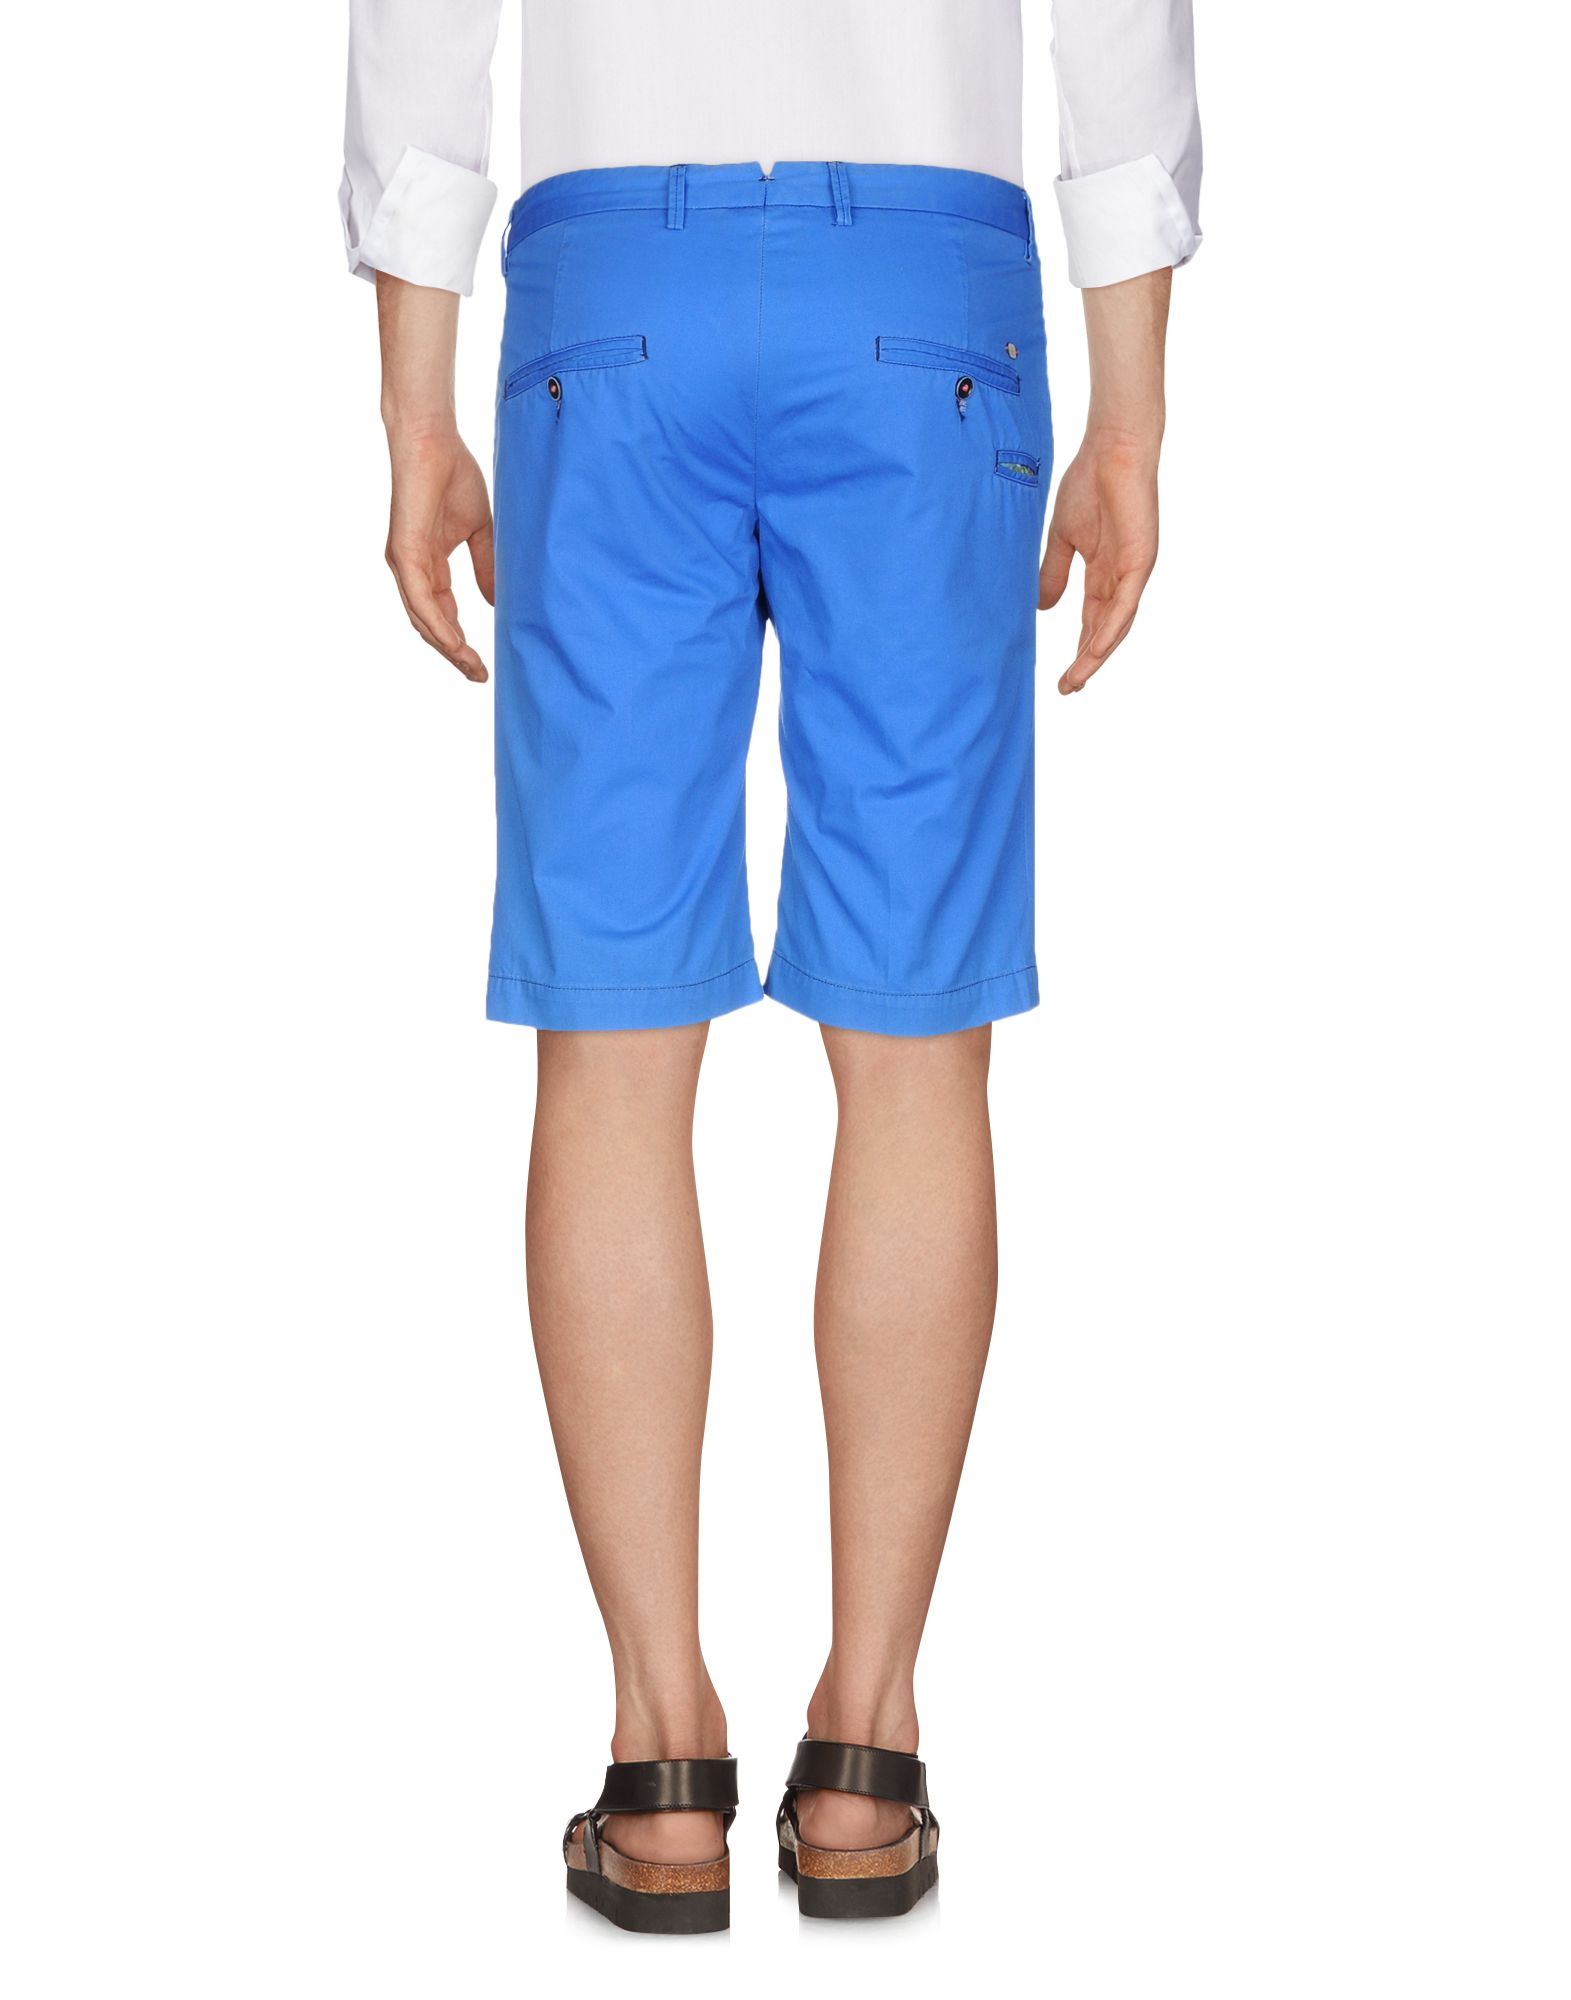 Shorts & Bermuda Bermuda Bermuda Manuel Ritz Uomo - 36967777NI 3ca70a